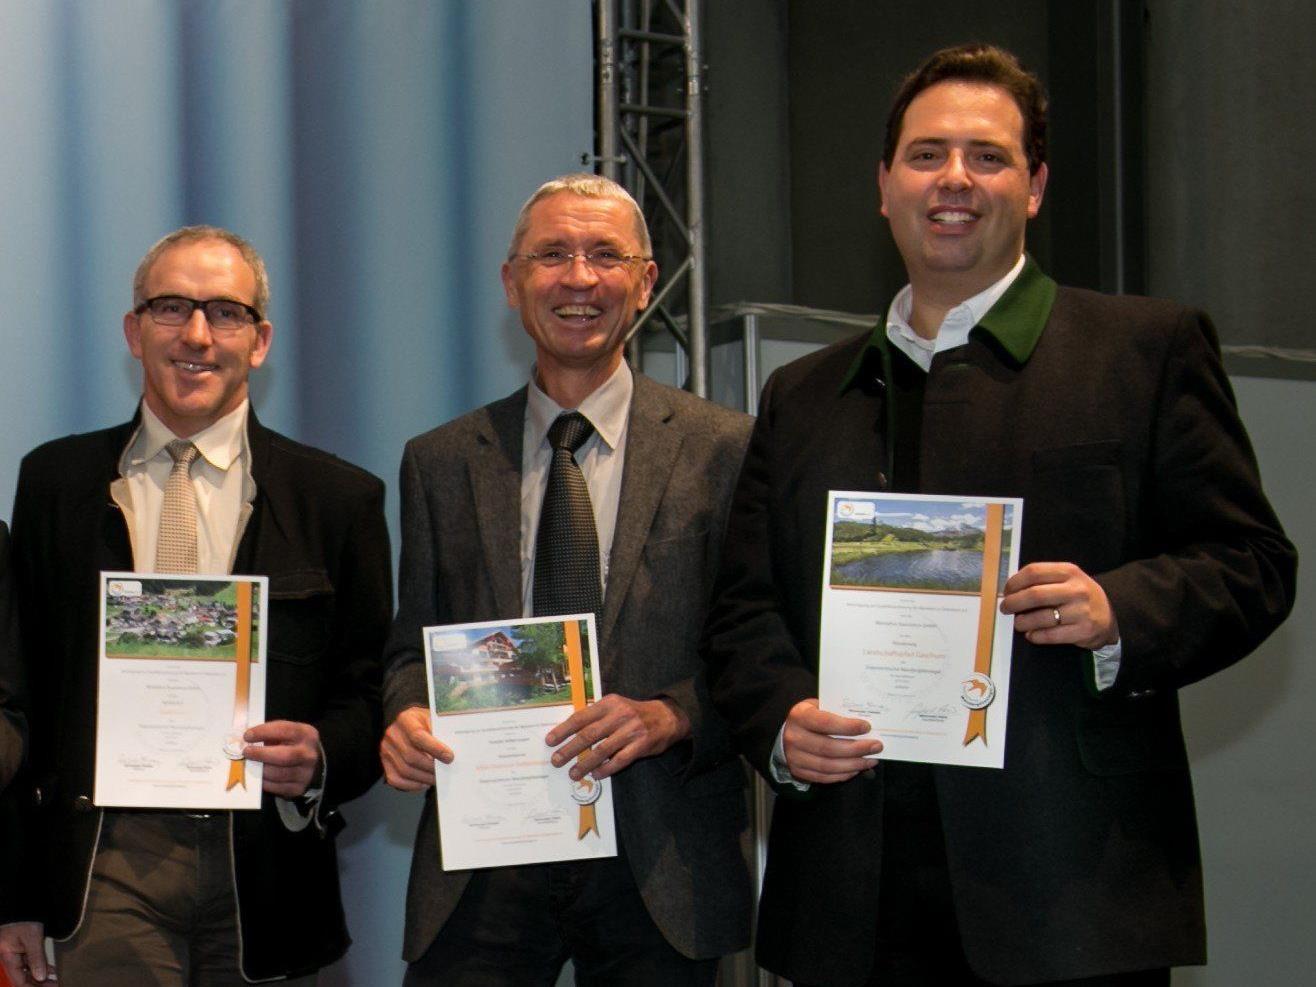 """Martin Netzer (Bürgermeister Gaschurn-Partenen), Markus Felbermayer (Vital-Zentrum Felbermayer) und Manuel Bitschnau (GF Montafon Tourismus) bei der Übergabe der """"zertifizierten"""" Urkunden."""